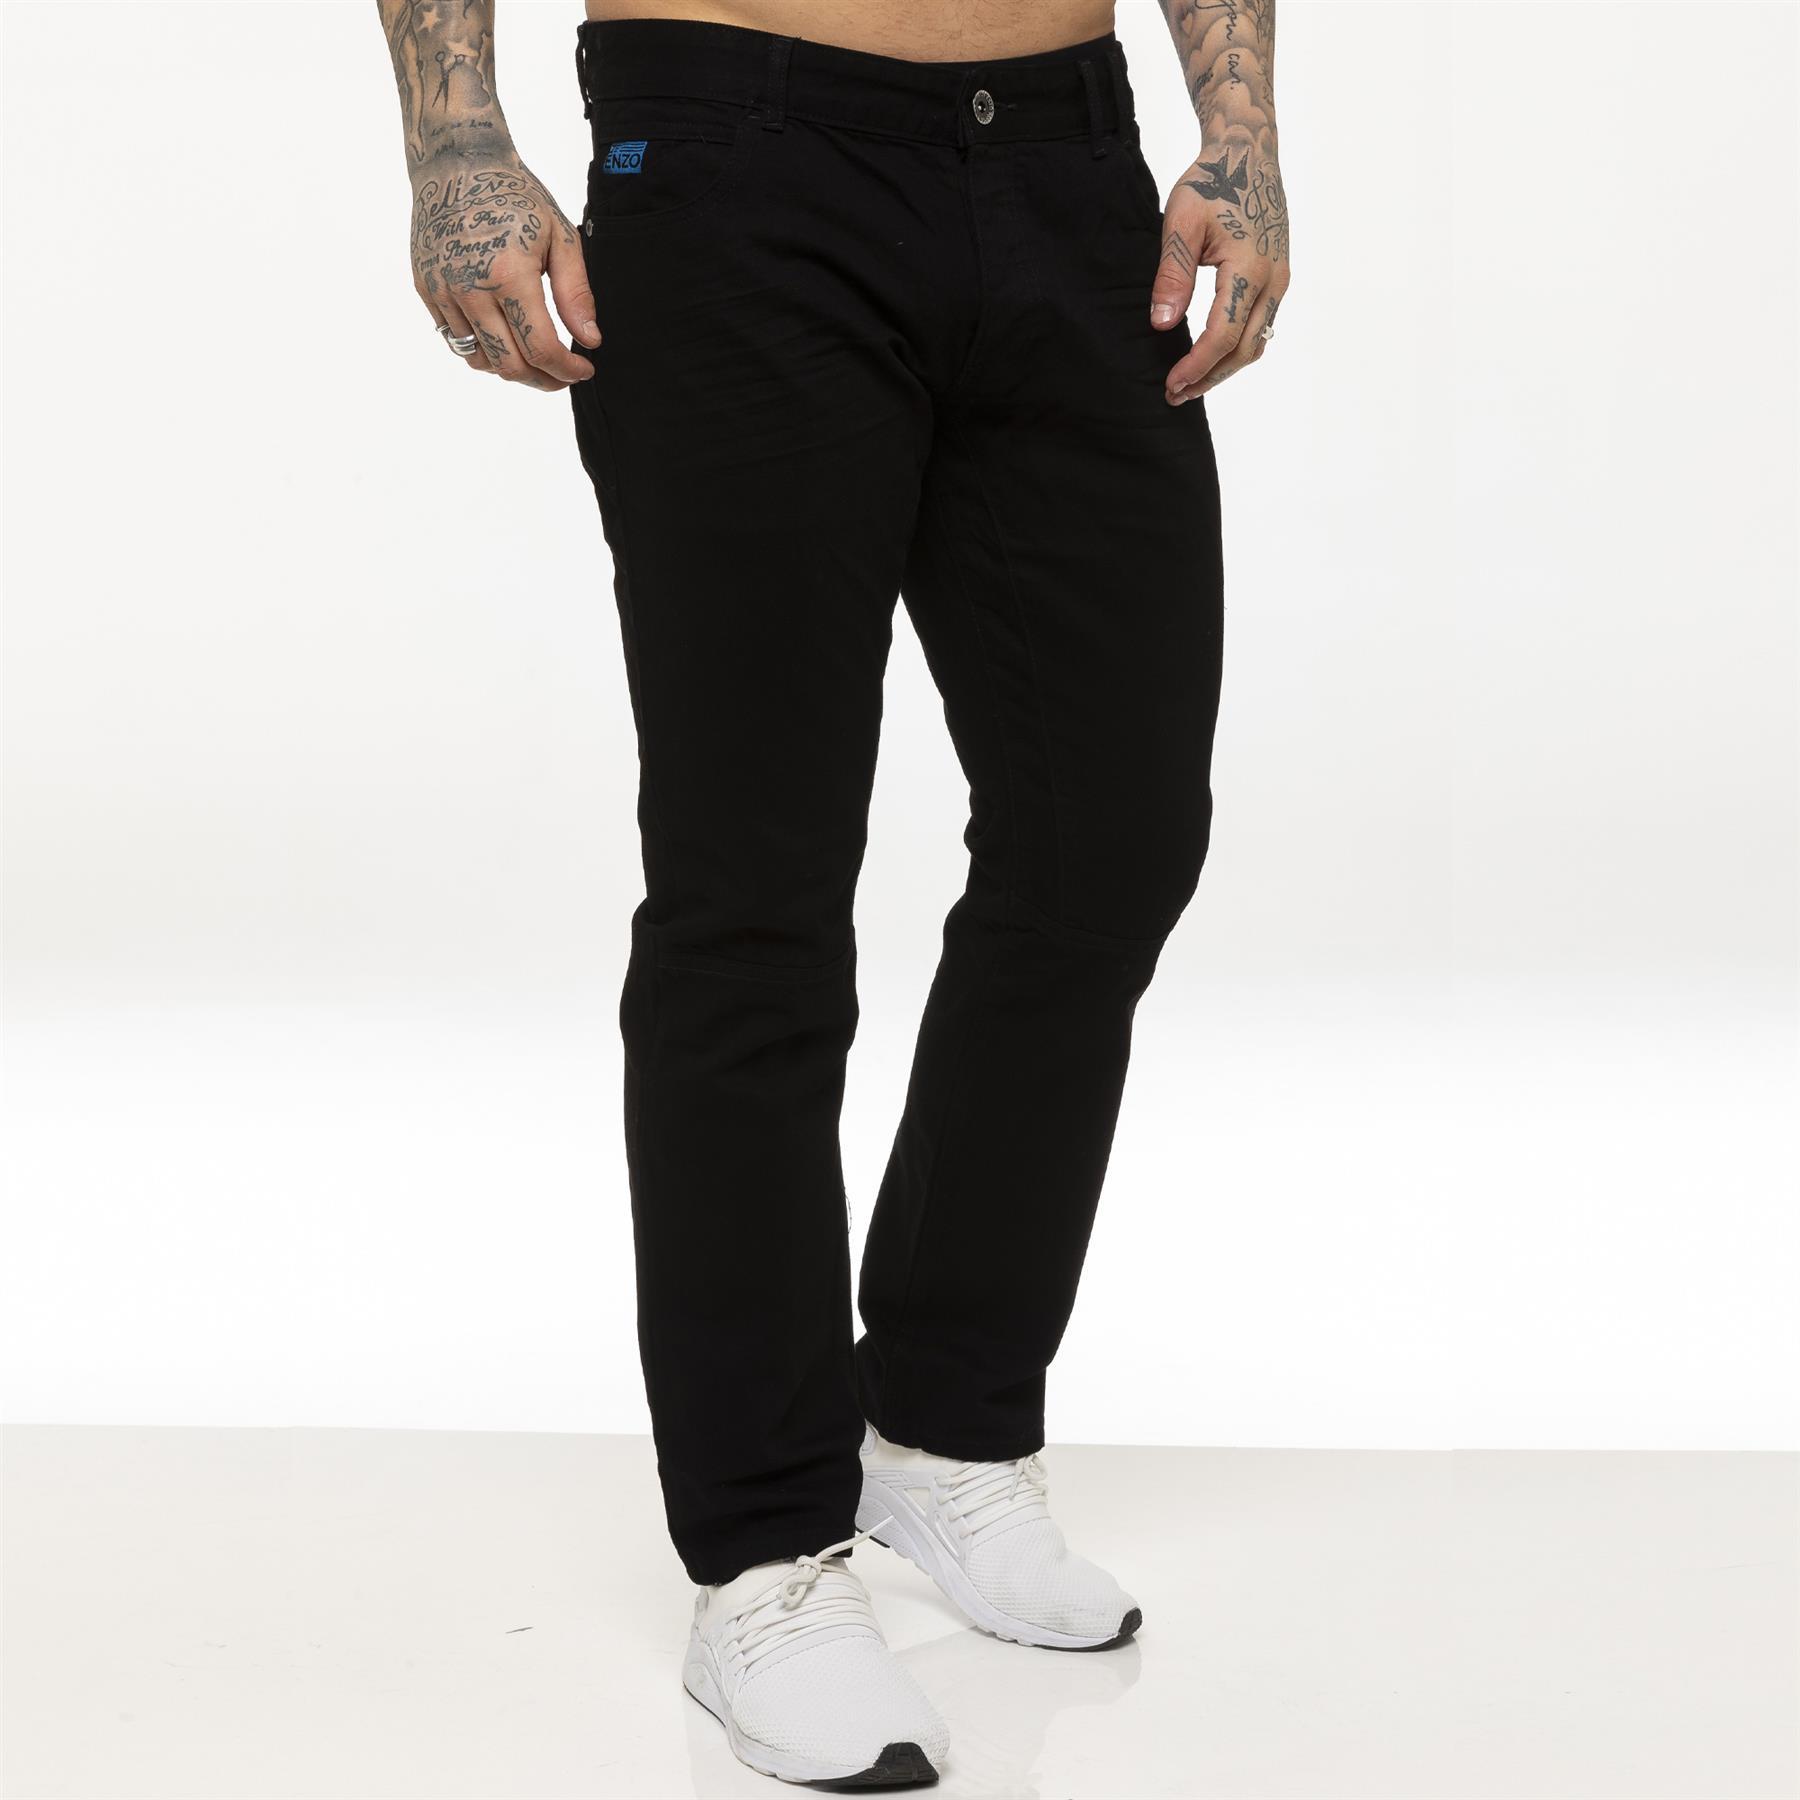 miniature 4 - Enzo pour homme coupe droite regular leg homme travail Denim Pantalon Toutes Tailles Tailles